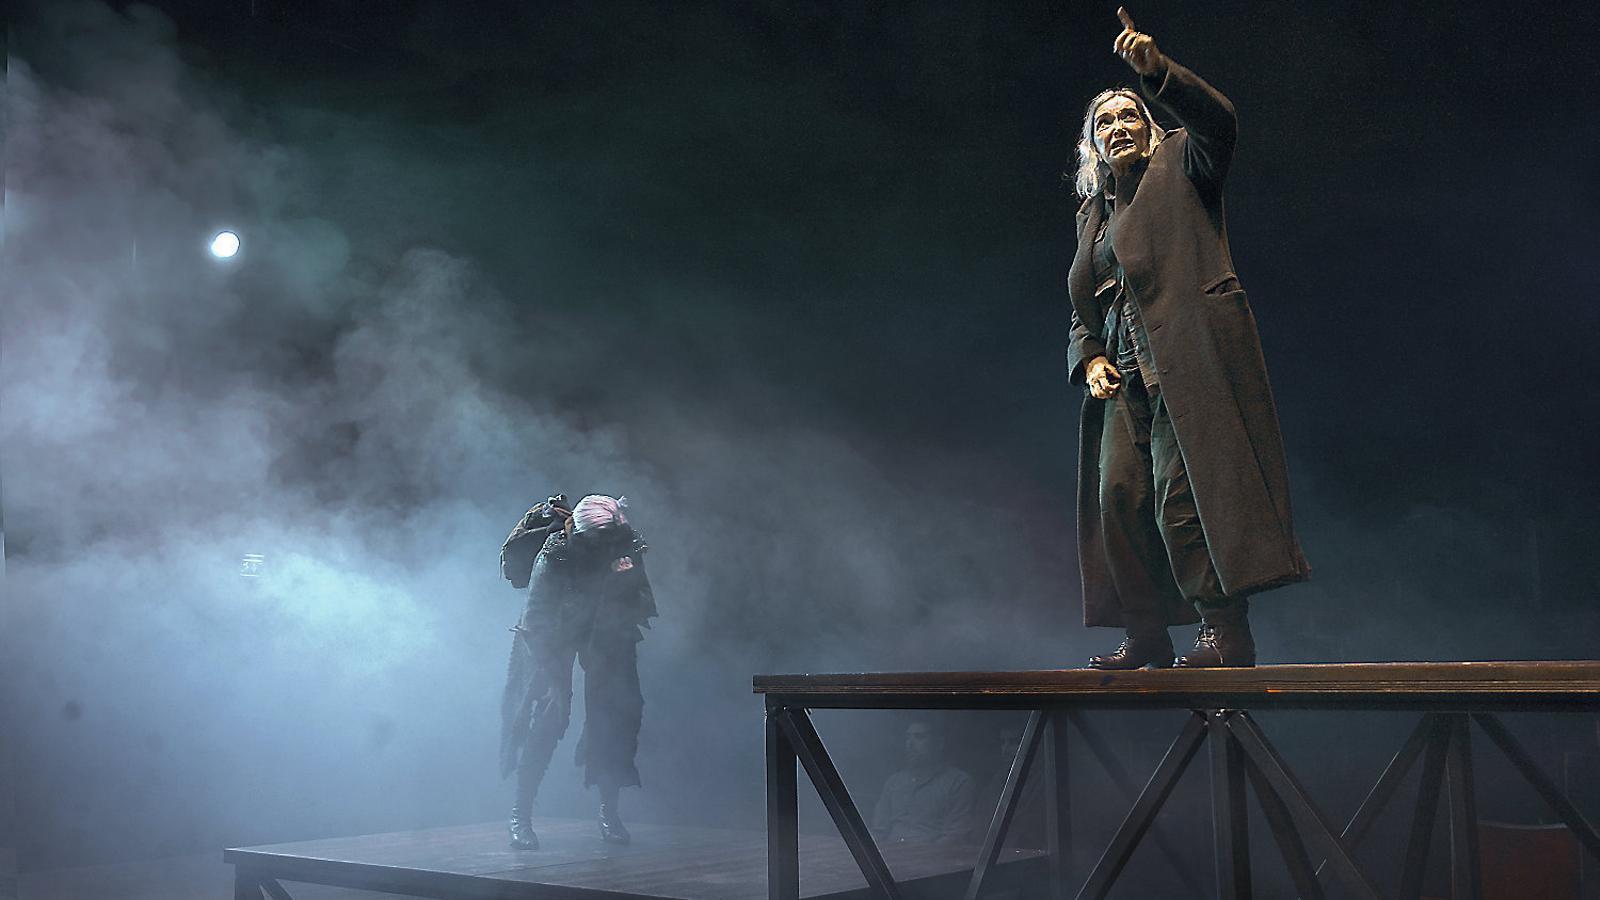 El més gran dels herois shakesperians va ser interpretat el 2015 per Núria Espert en un muntatge de Lluís Pasqual per al Teatre Lliure que va rebre nombrosos reconeixements.